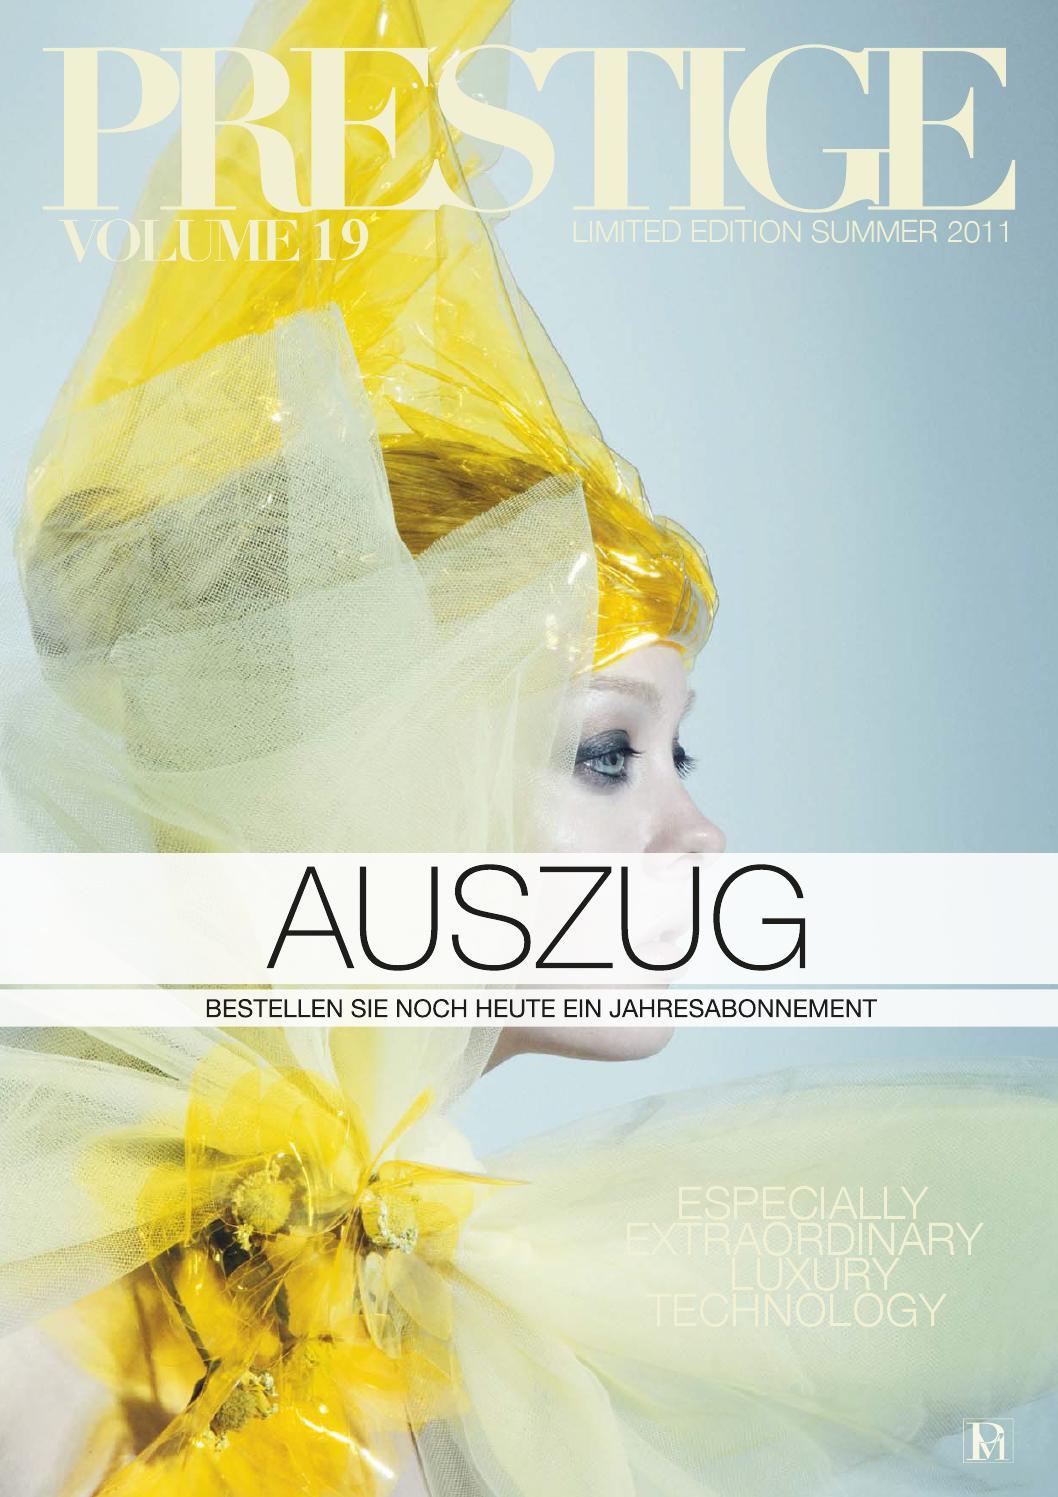 PRESTIGE Switzerland Volume 19 Auszug by rundschauMEDIEN AG - issuu